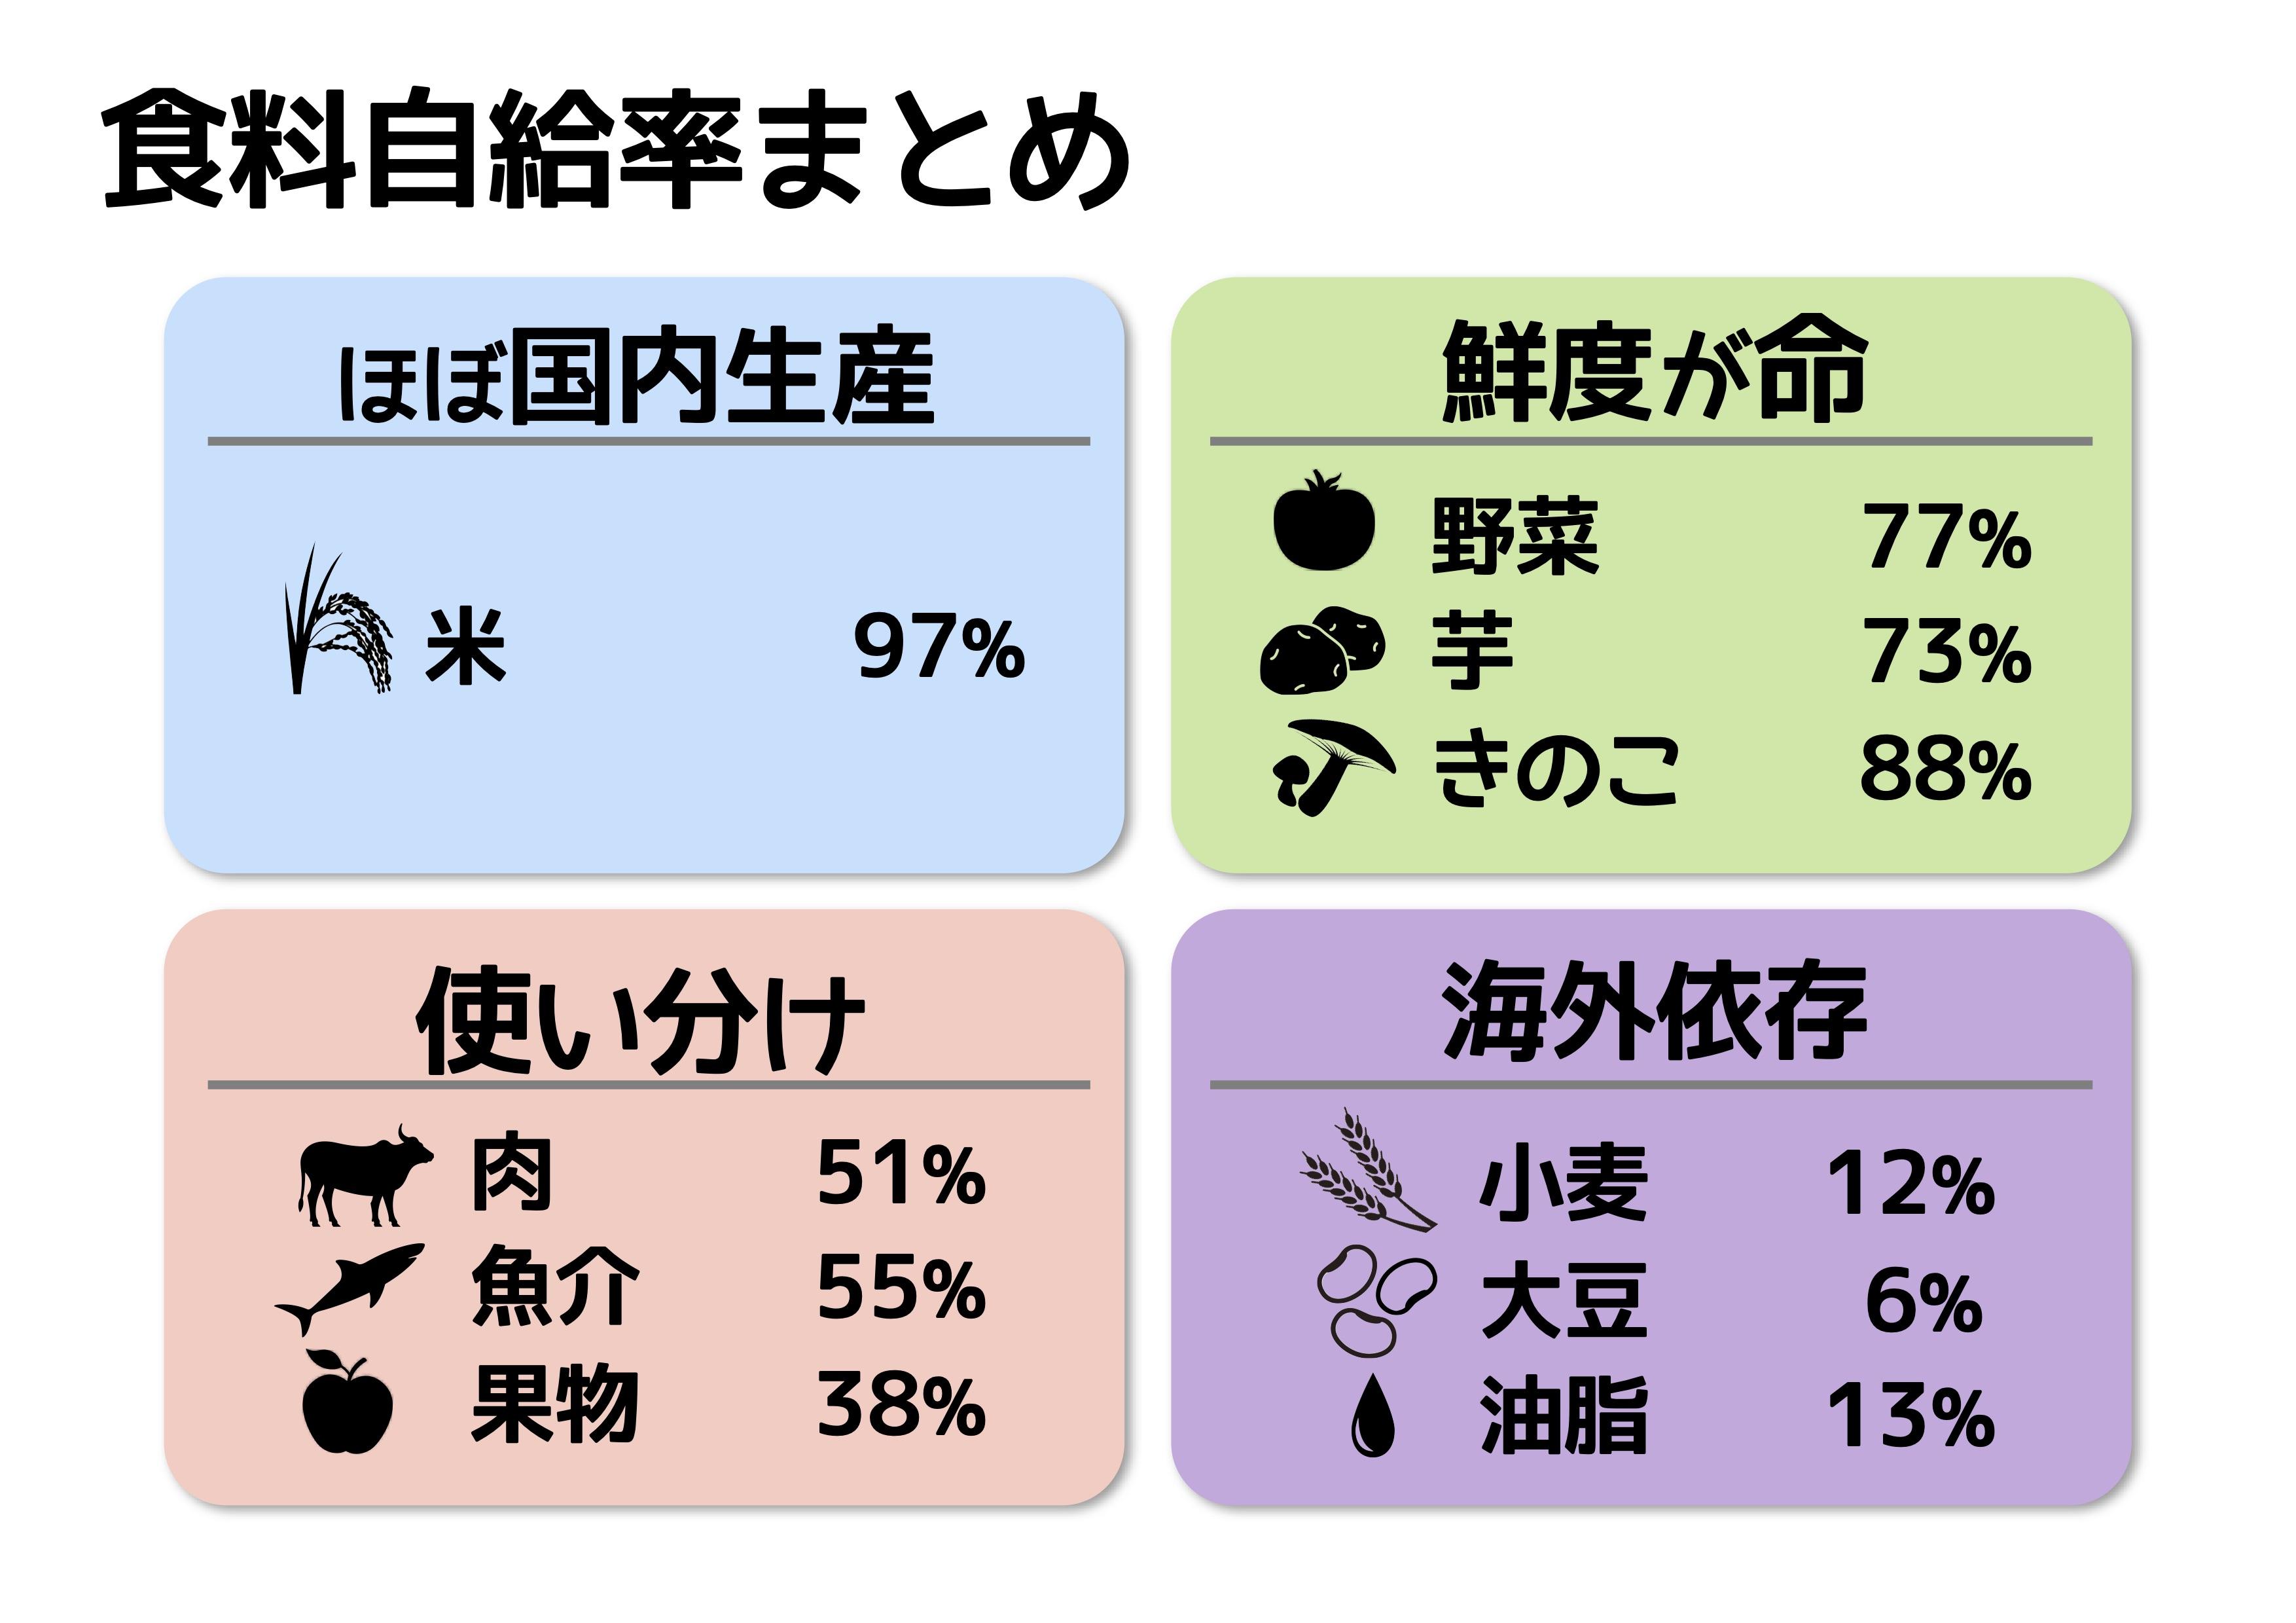 率 牛肉 日本 食料 自給